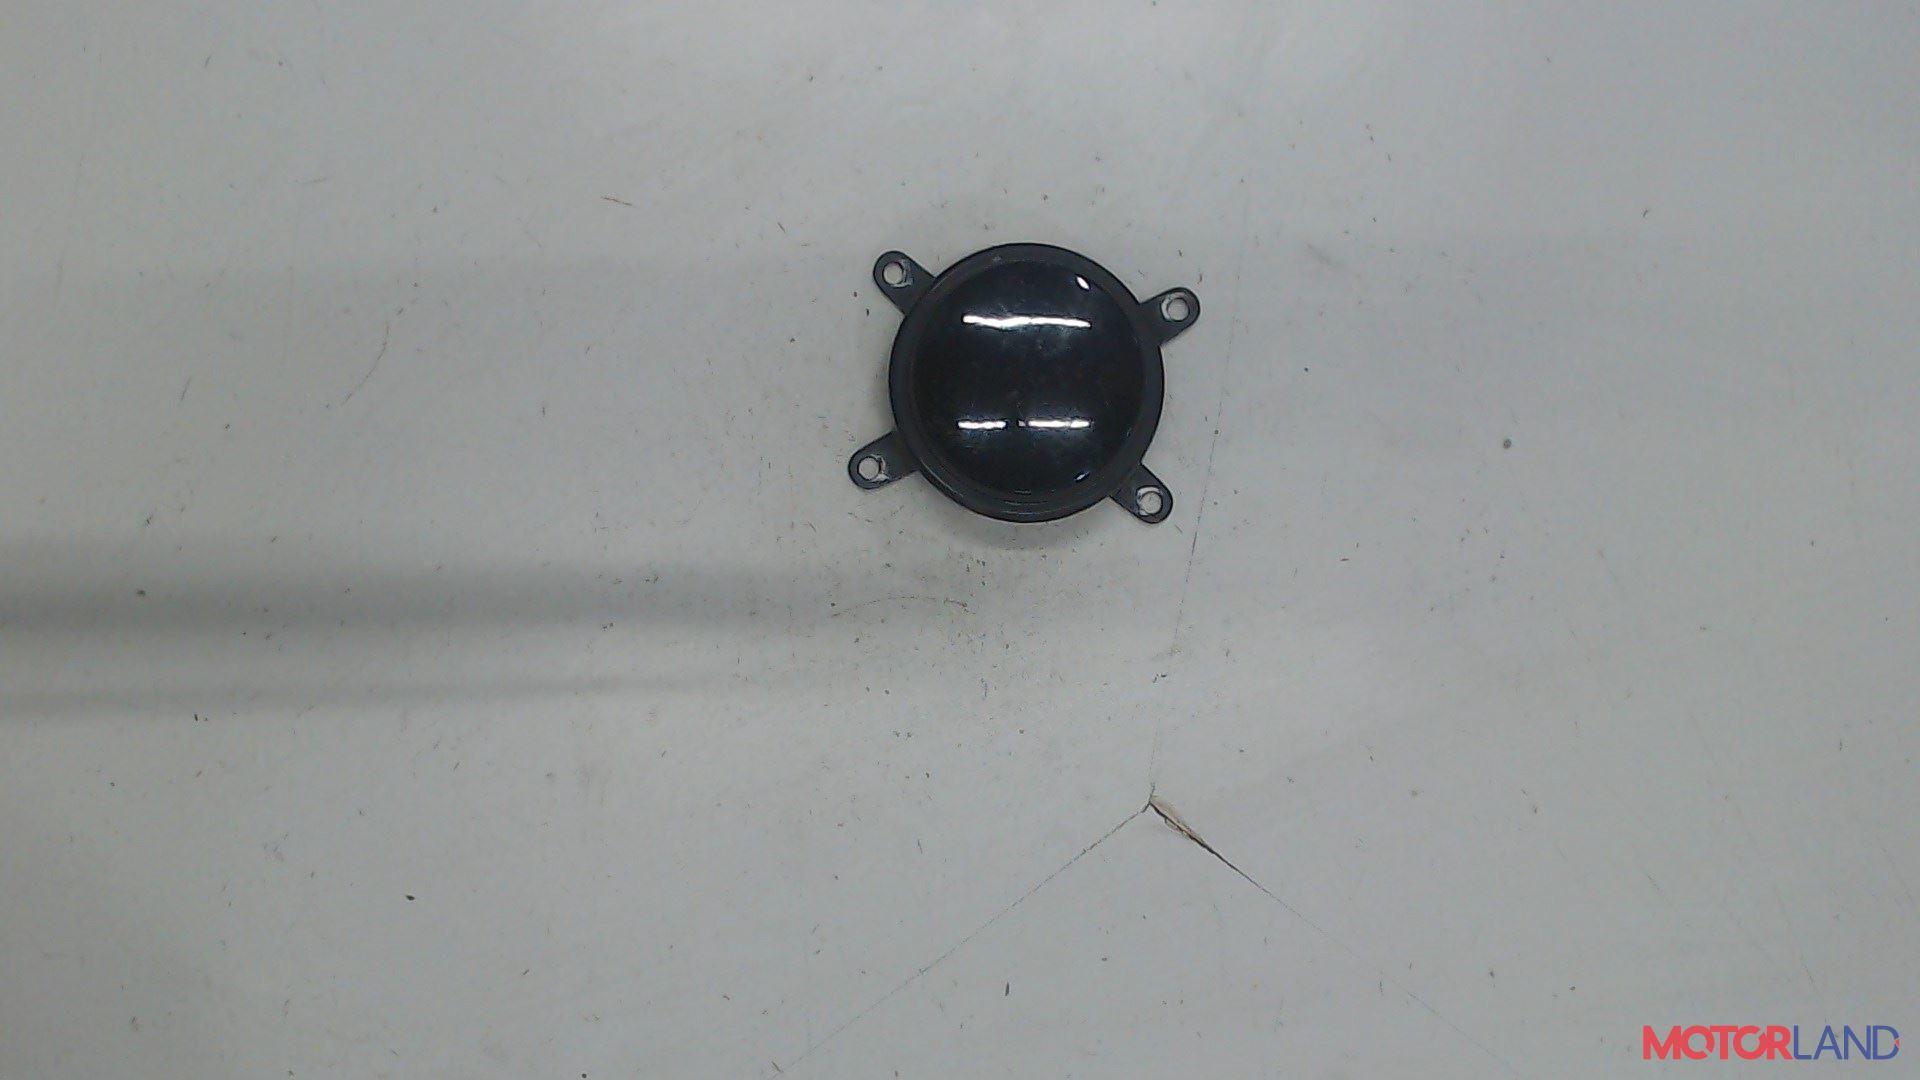 Заглушка (решетка) бампера Lancia Lybra 1.6 л. 2001 182B6.000 б/у #1